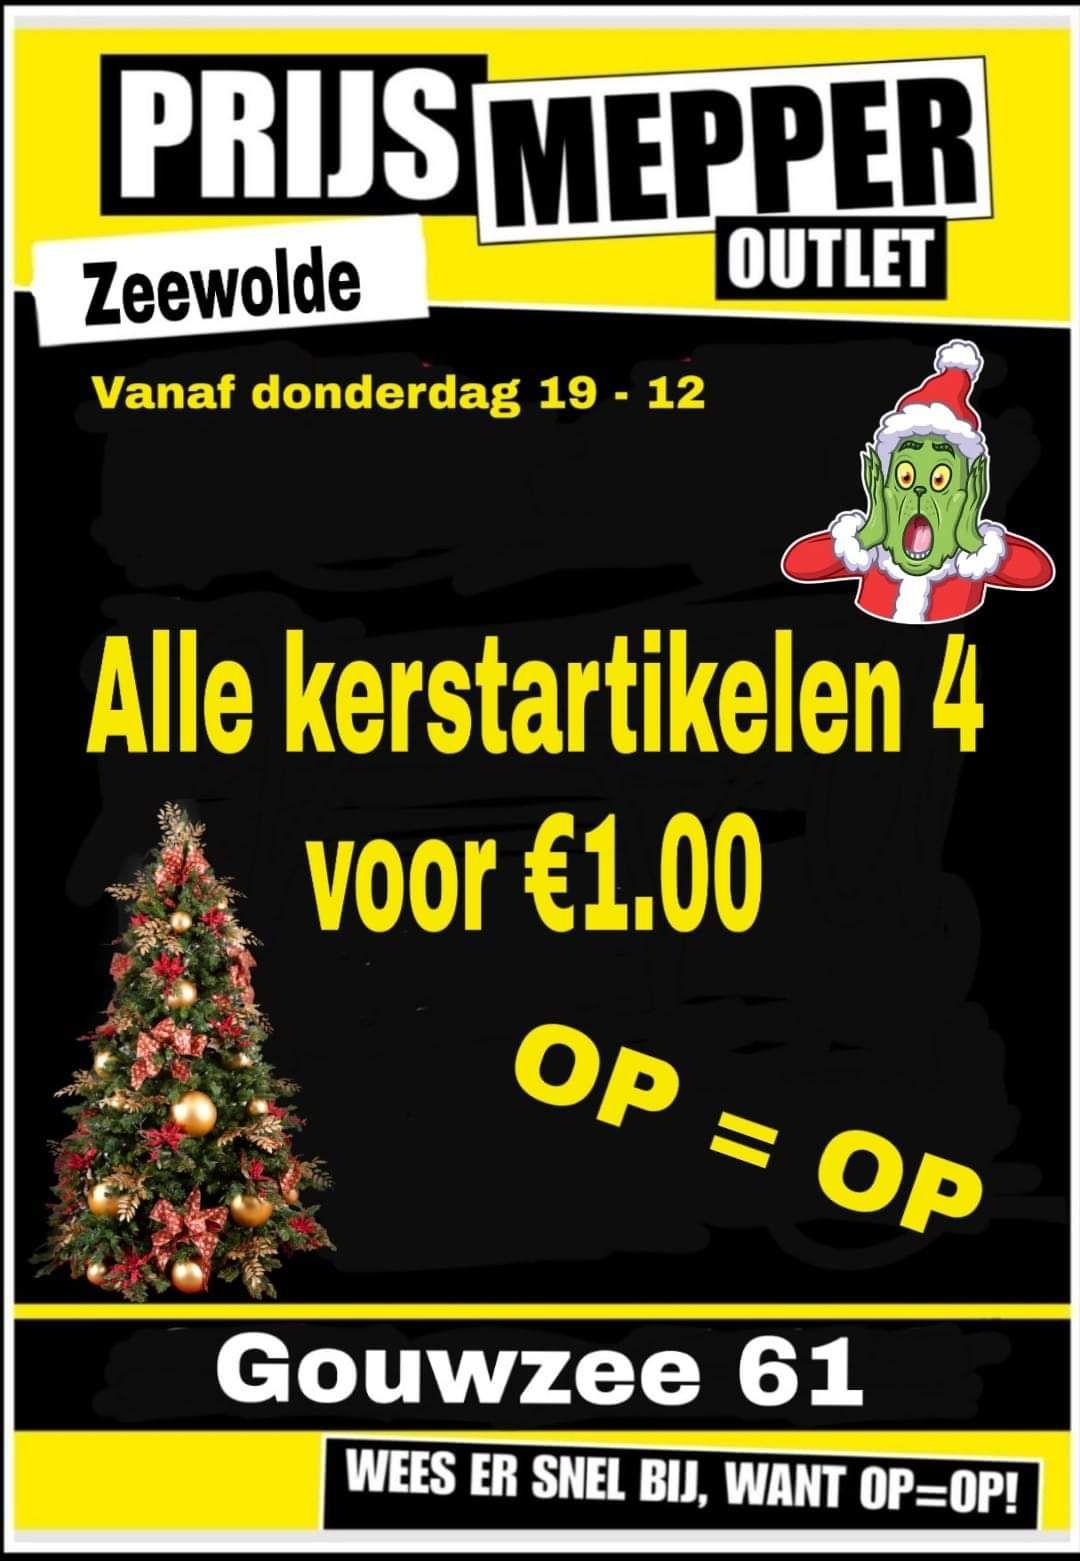 Lokaal - 4 kerstartikelen voor €1